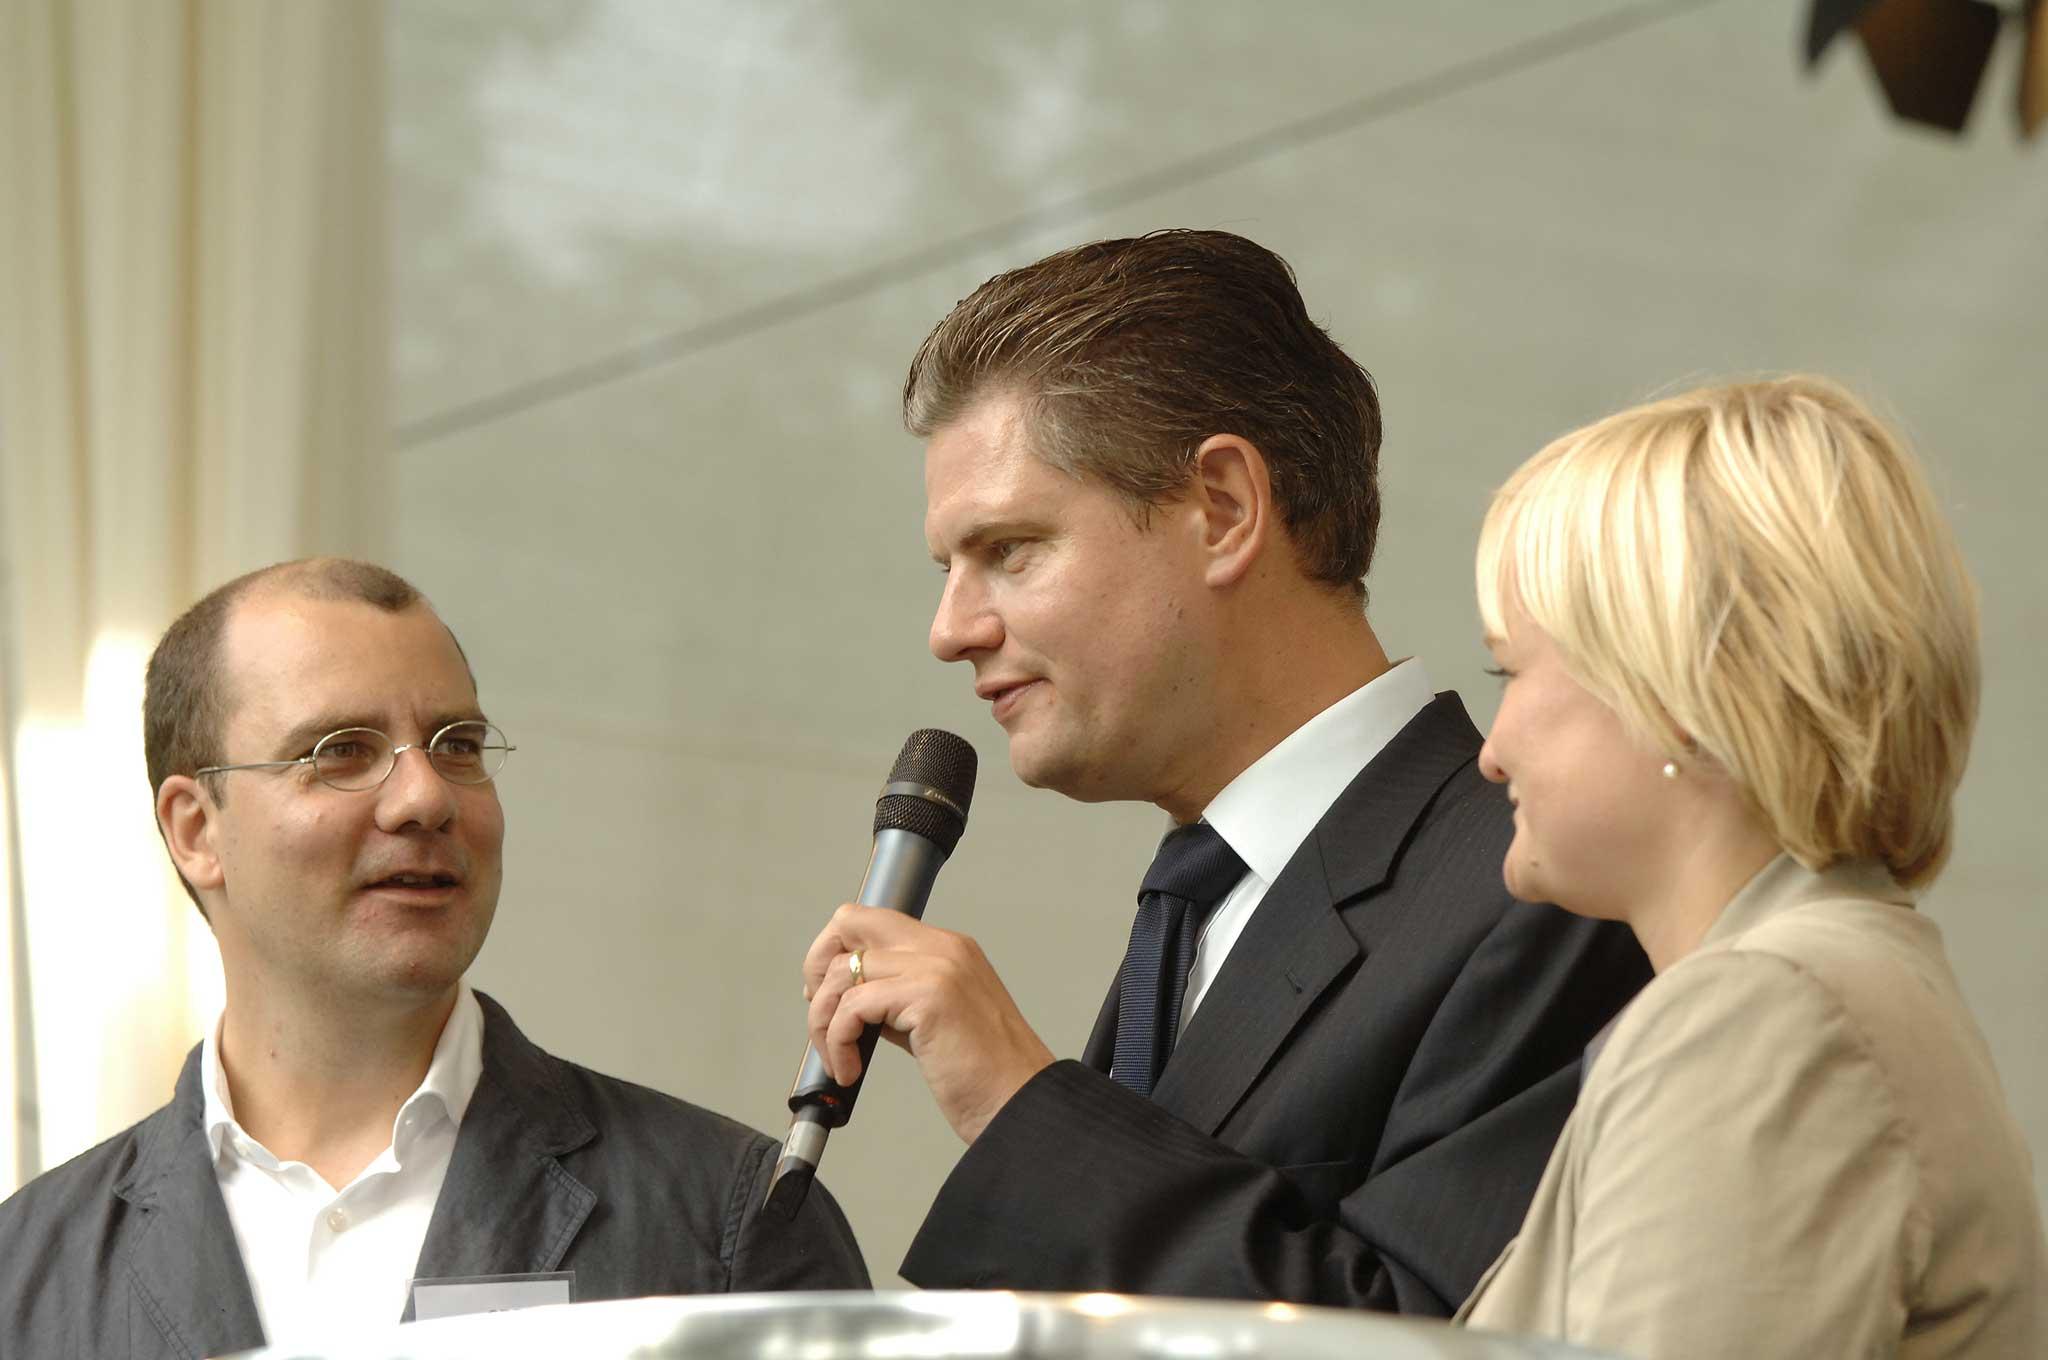 Auf der Bühne im Park des Bundeskanzleramts stellte die SDBI ihre Arbeit vor.